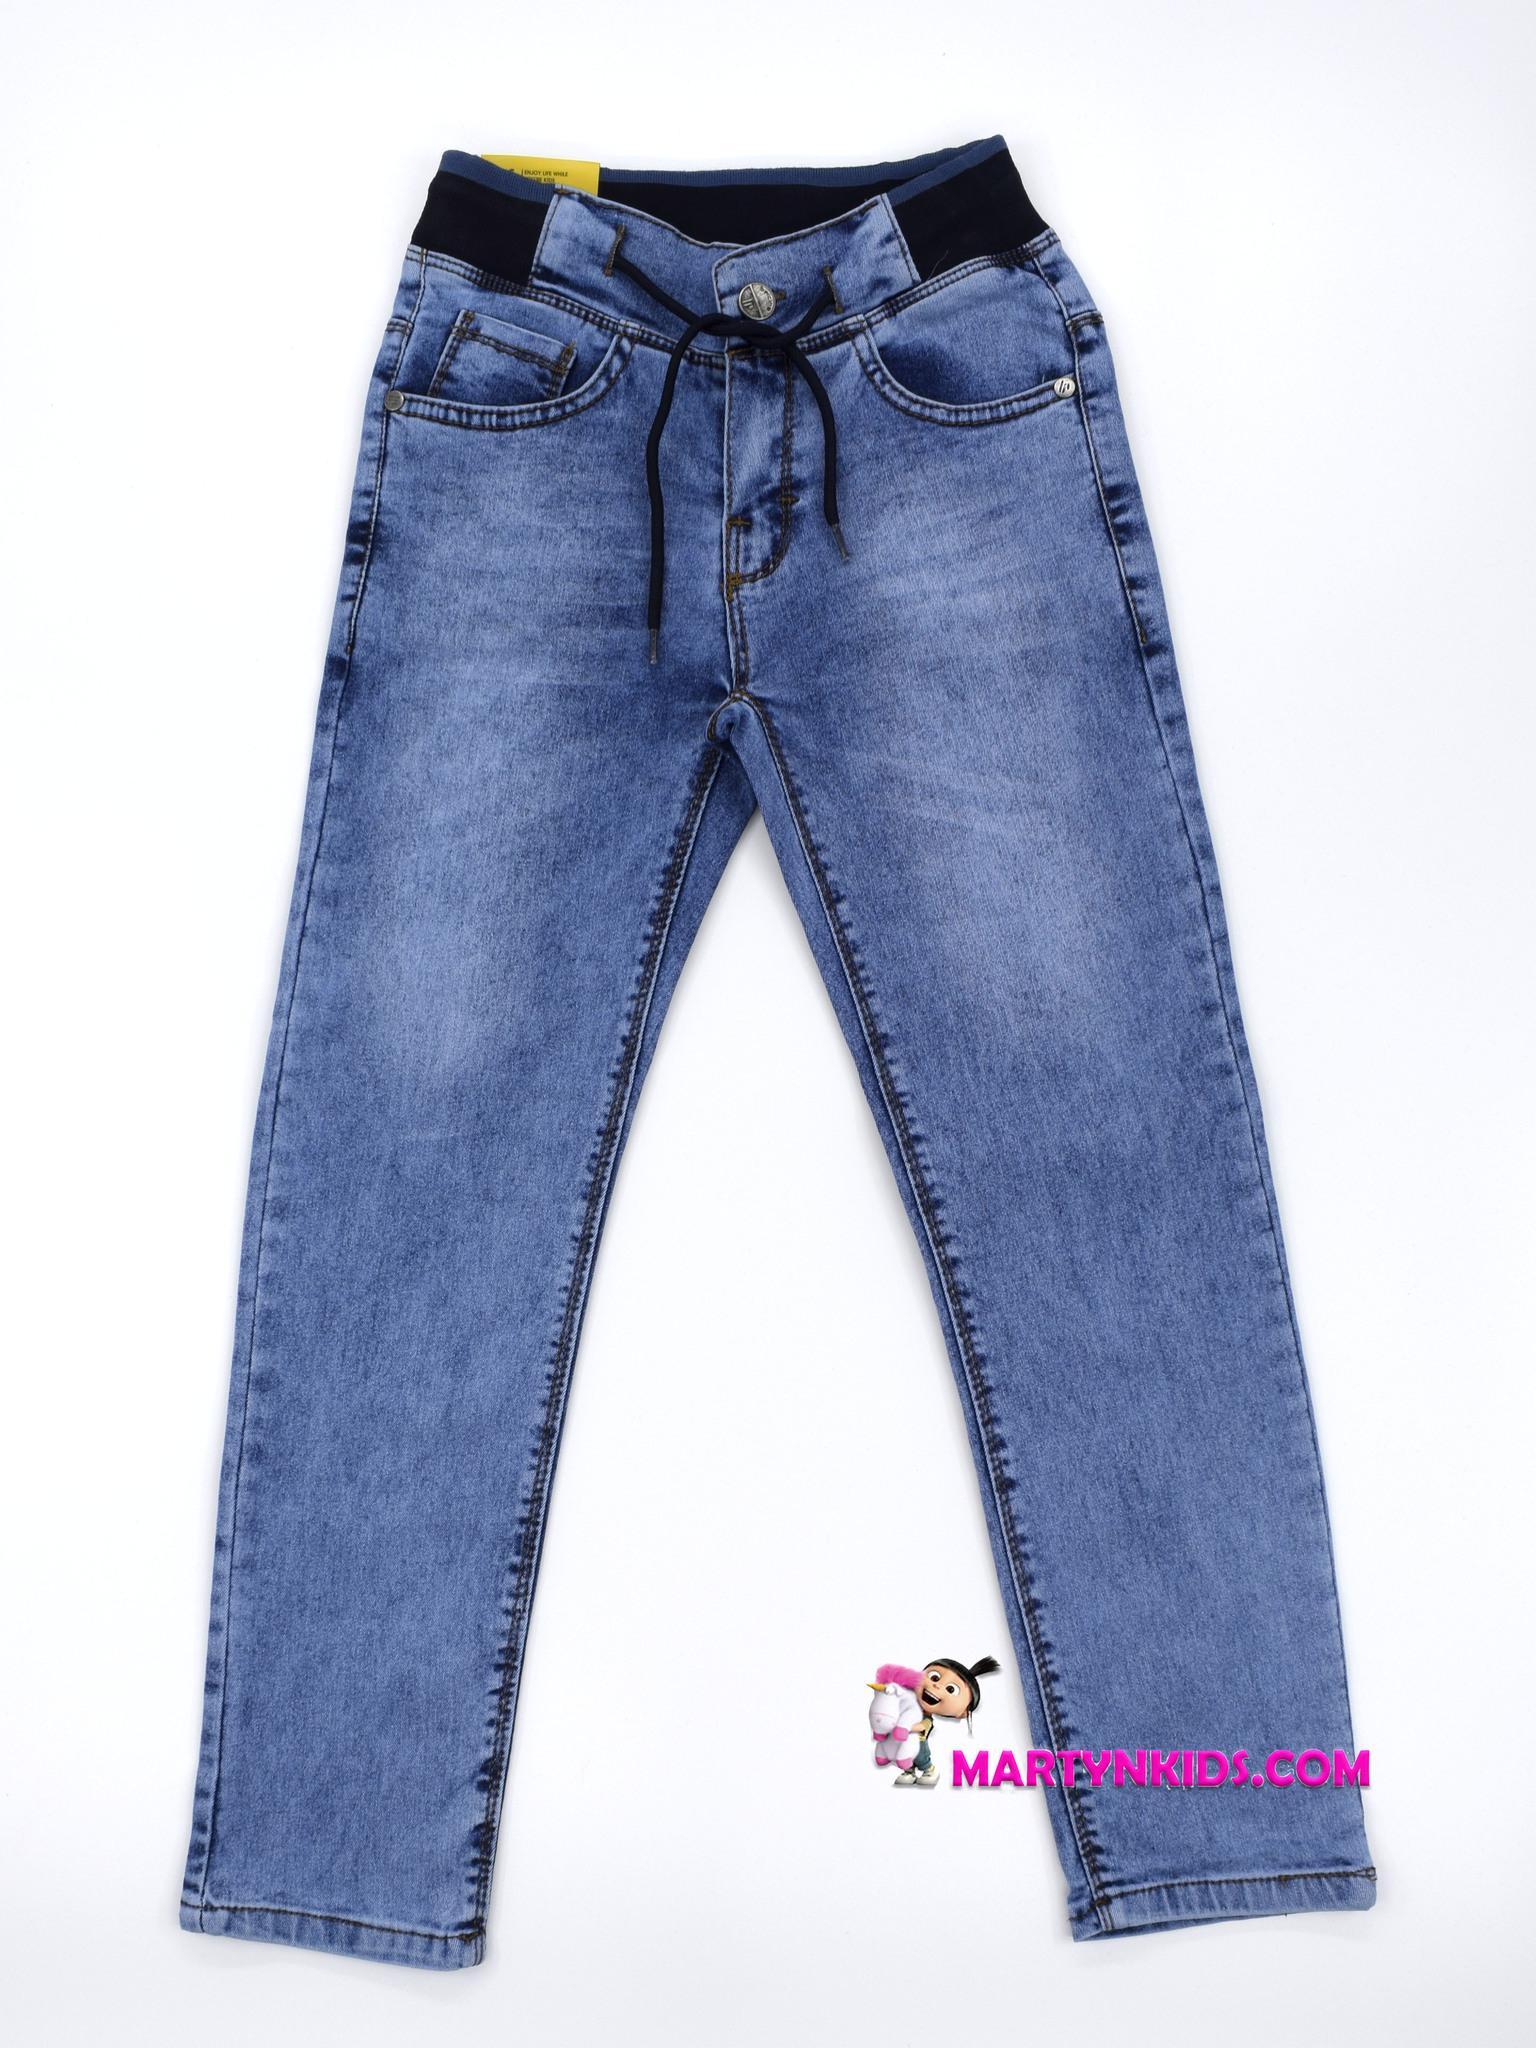 2341 джинсы на резинке